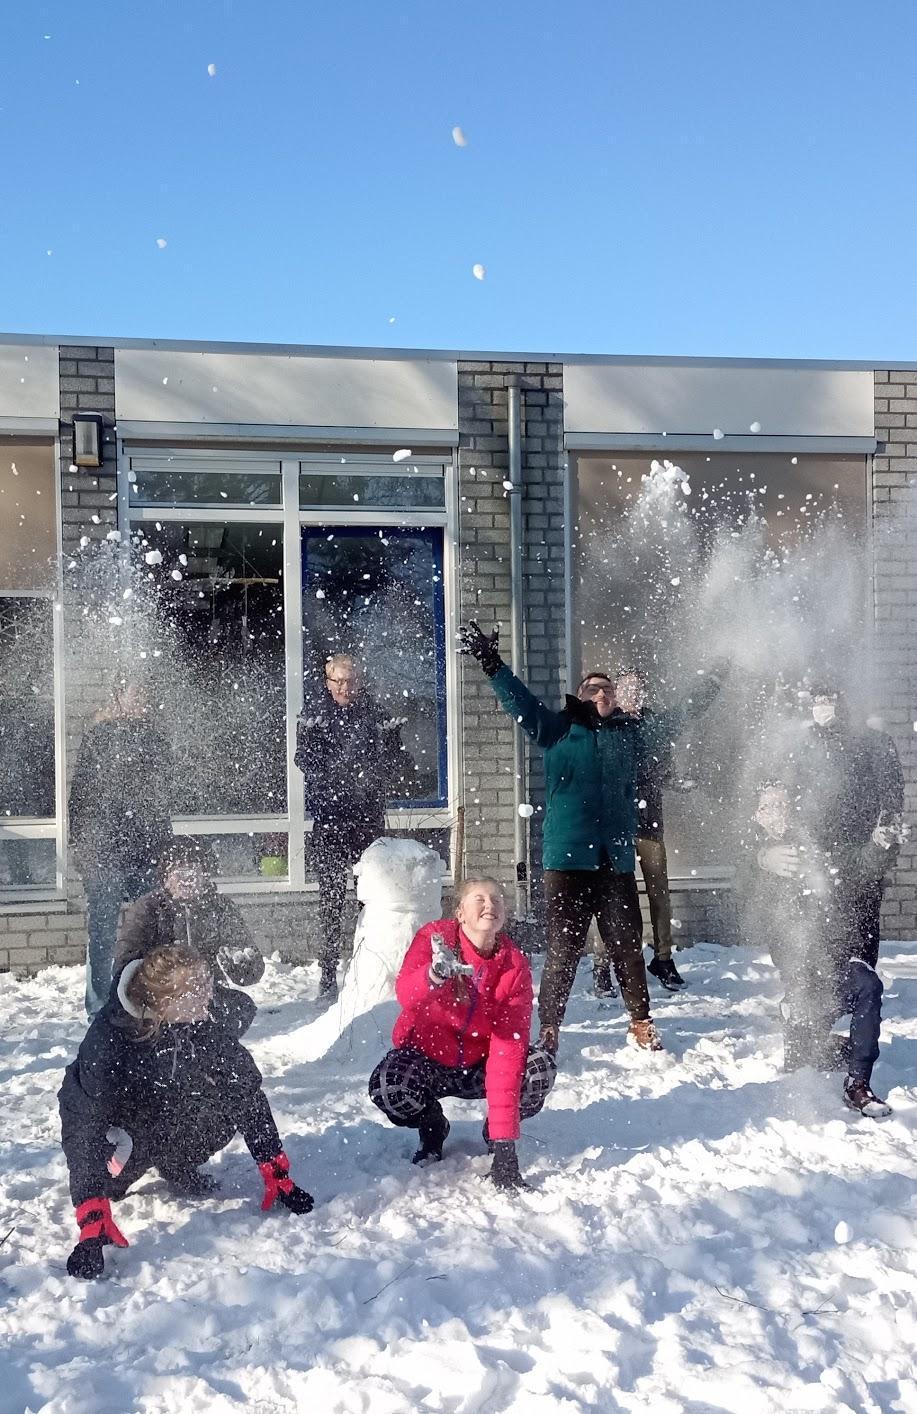 Afbeelding met sneeuw, buiten, traangasAutomatisch gegenereerde beschrijving